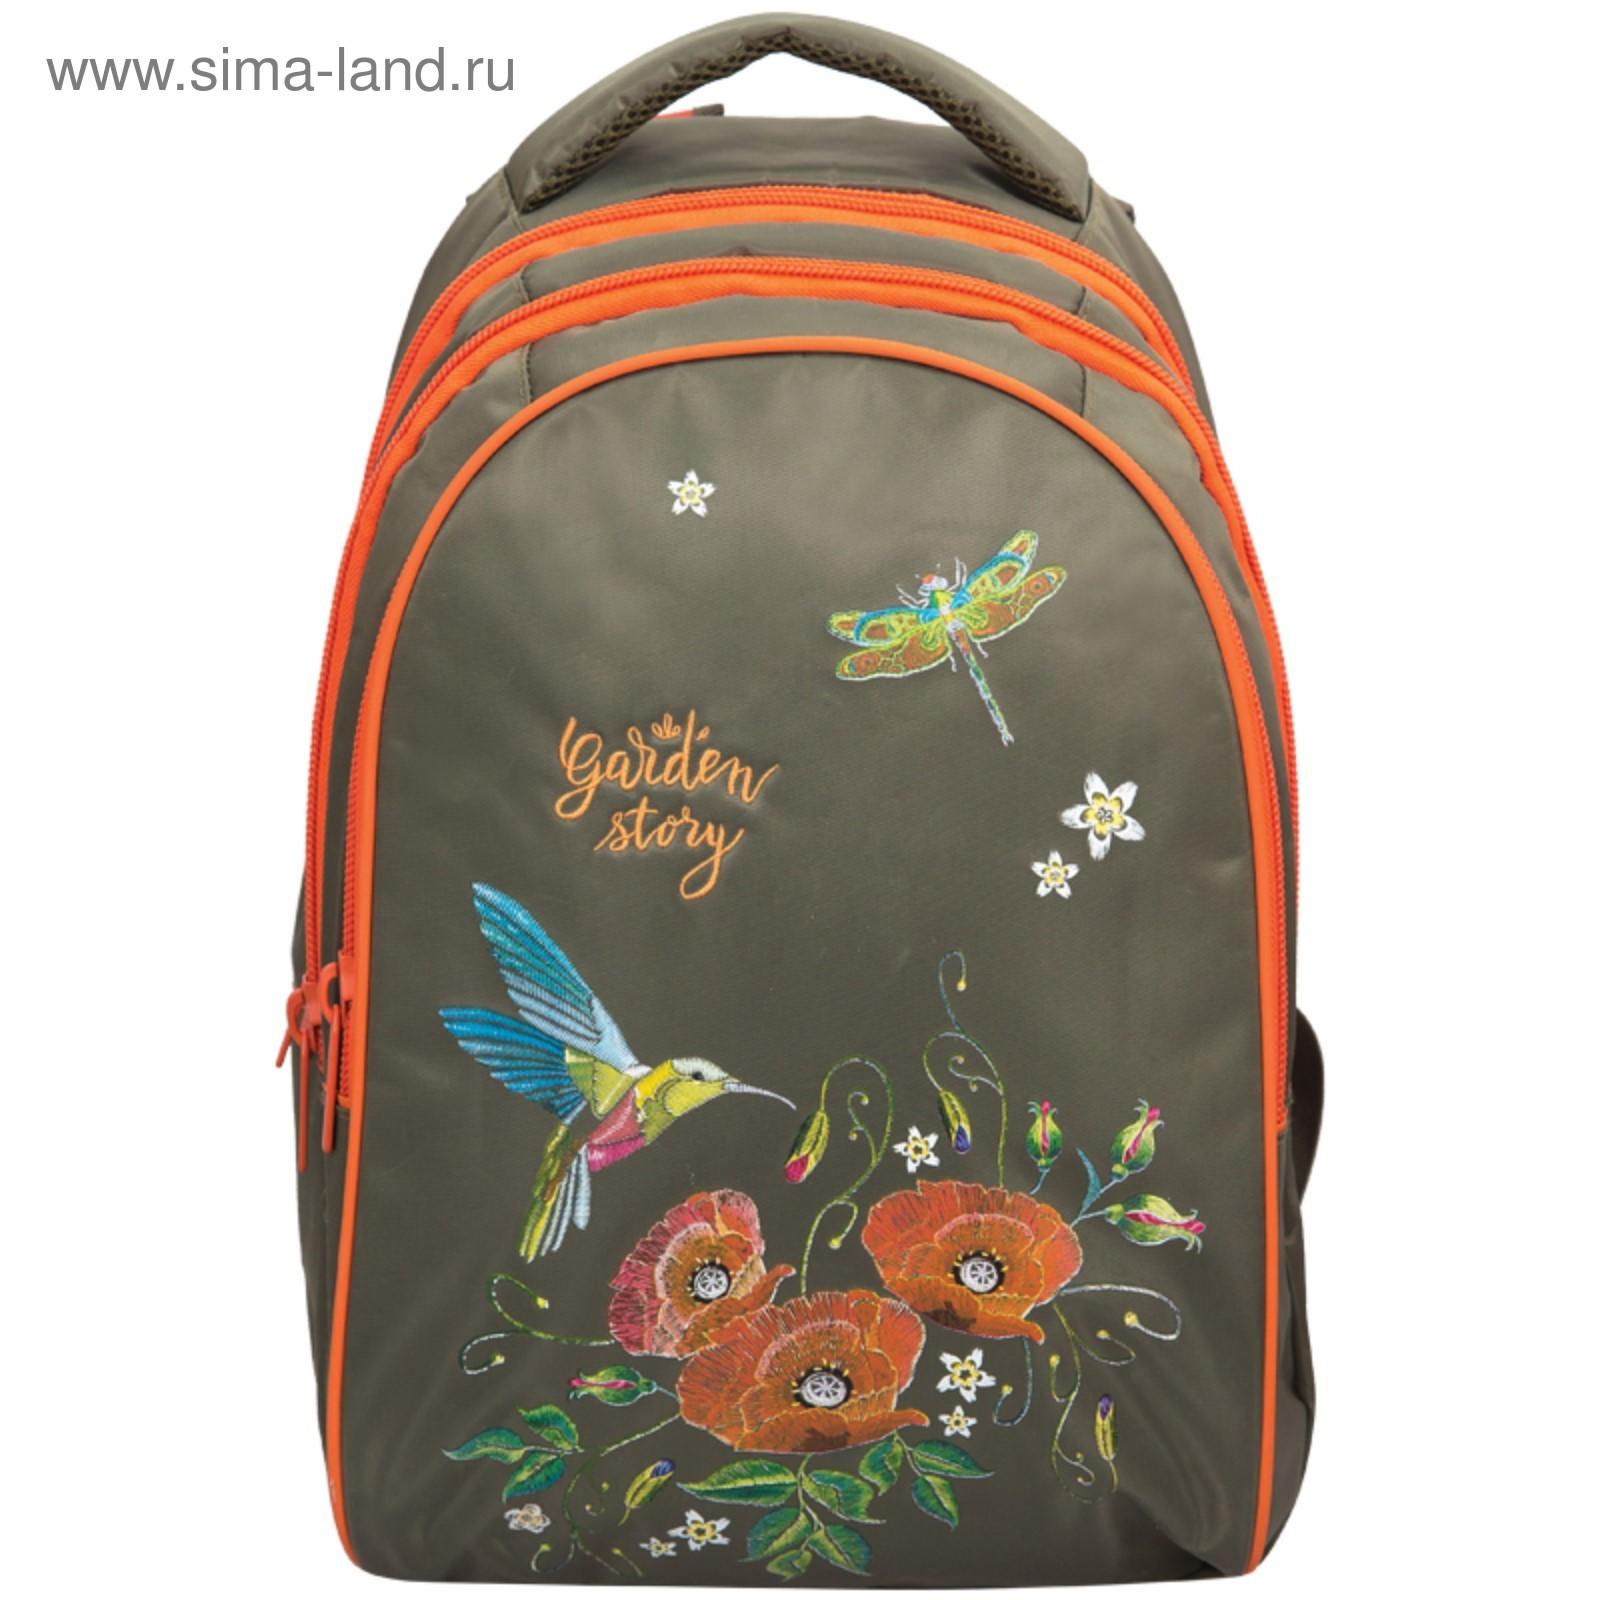 a8243cca35c2 Рюкзак на молнии Berlingo Style Garden story, 3 отделения, 1 карман, цвет  зелёный